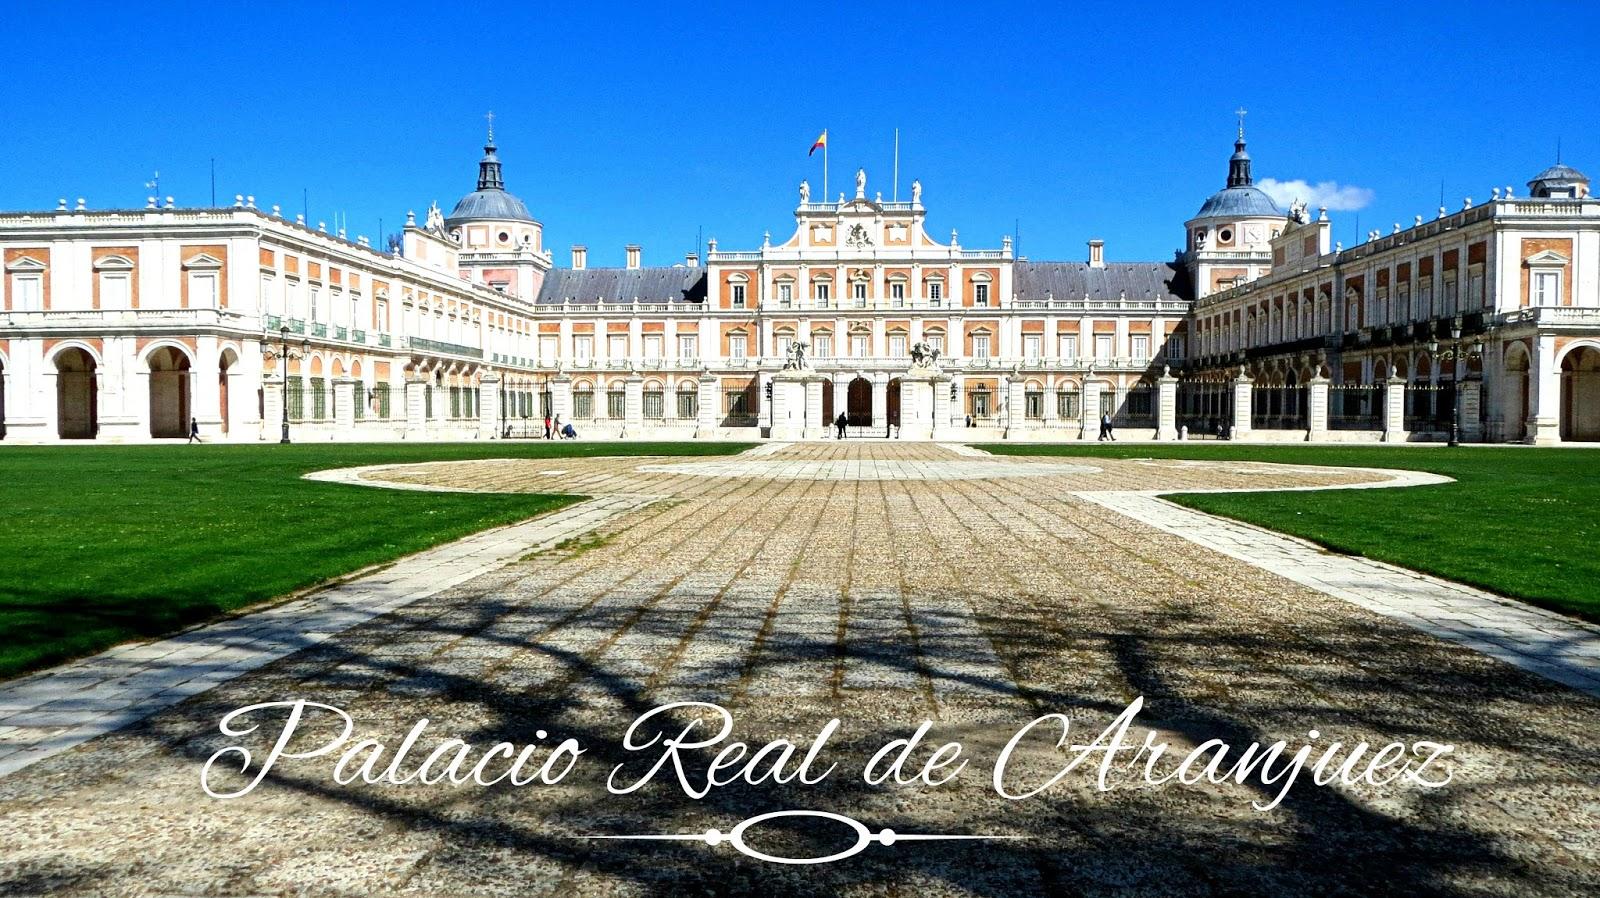 Las im genes que yo veo palacio real de aranjuez el m s for Los jardines de aranjuez